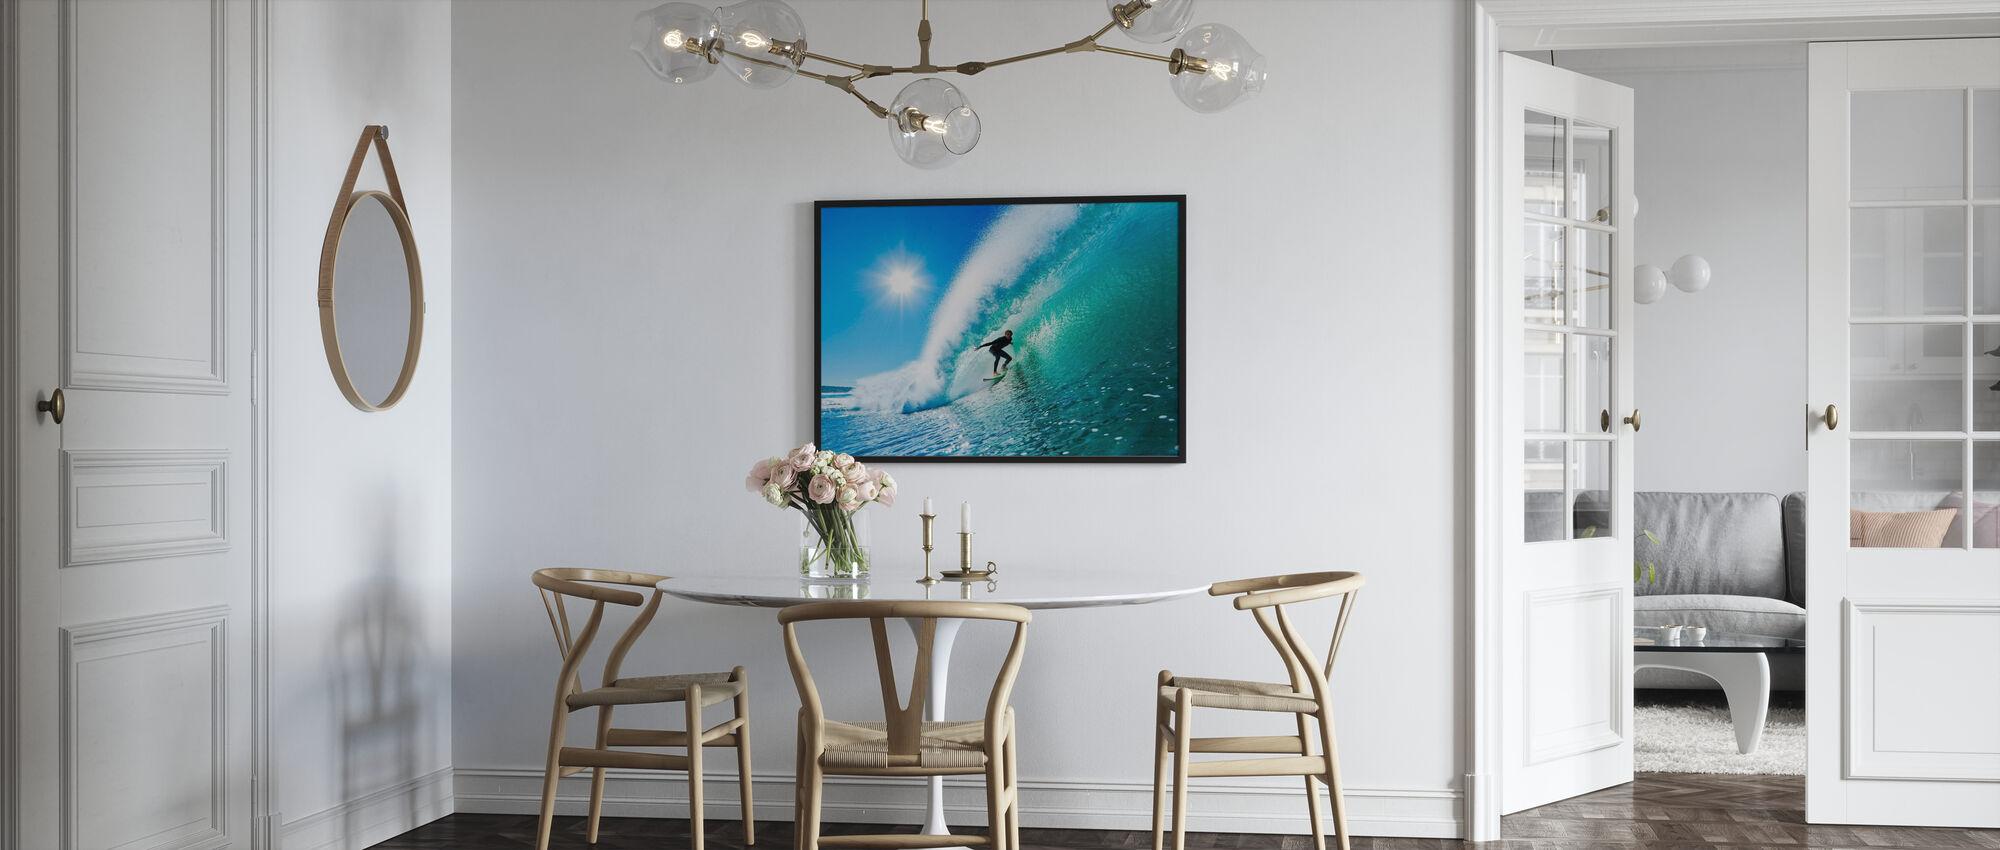 Surf - Print enmarcado - Cocina